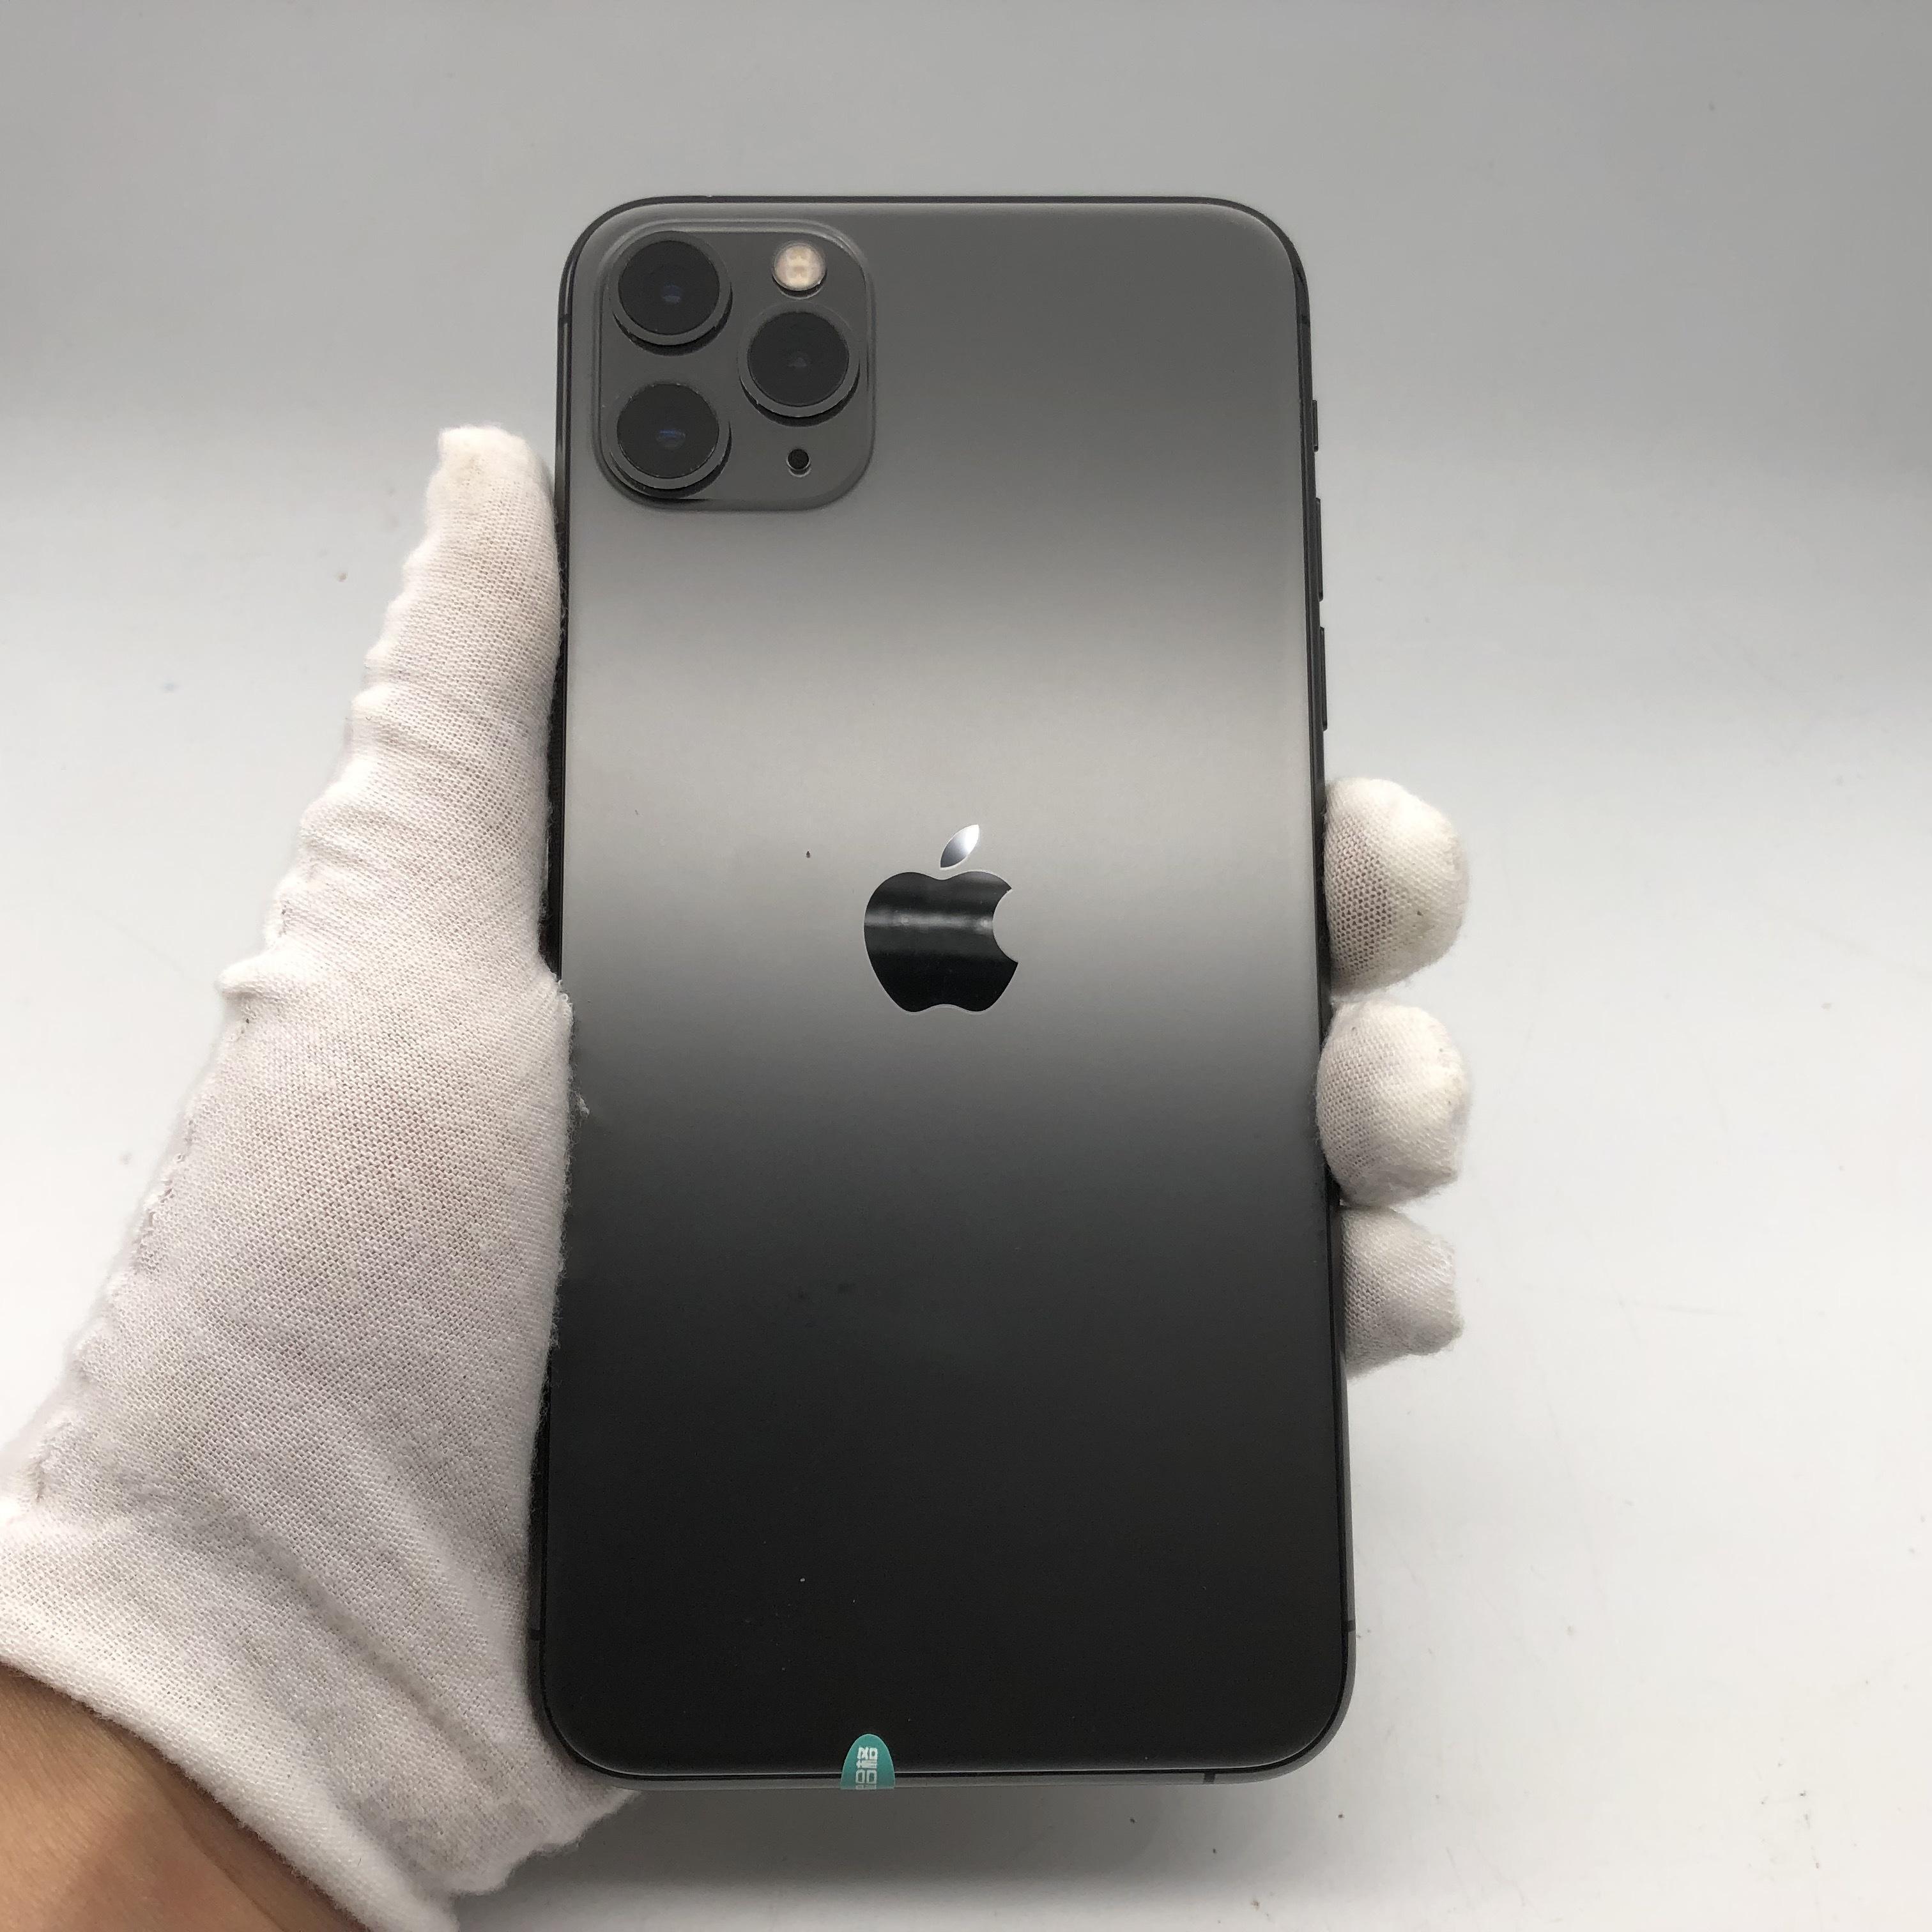 苹果【iPhone 11 Pro Max】4G全网通 深空灰 64G 国行 8成新